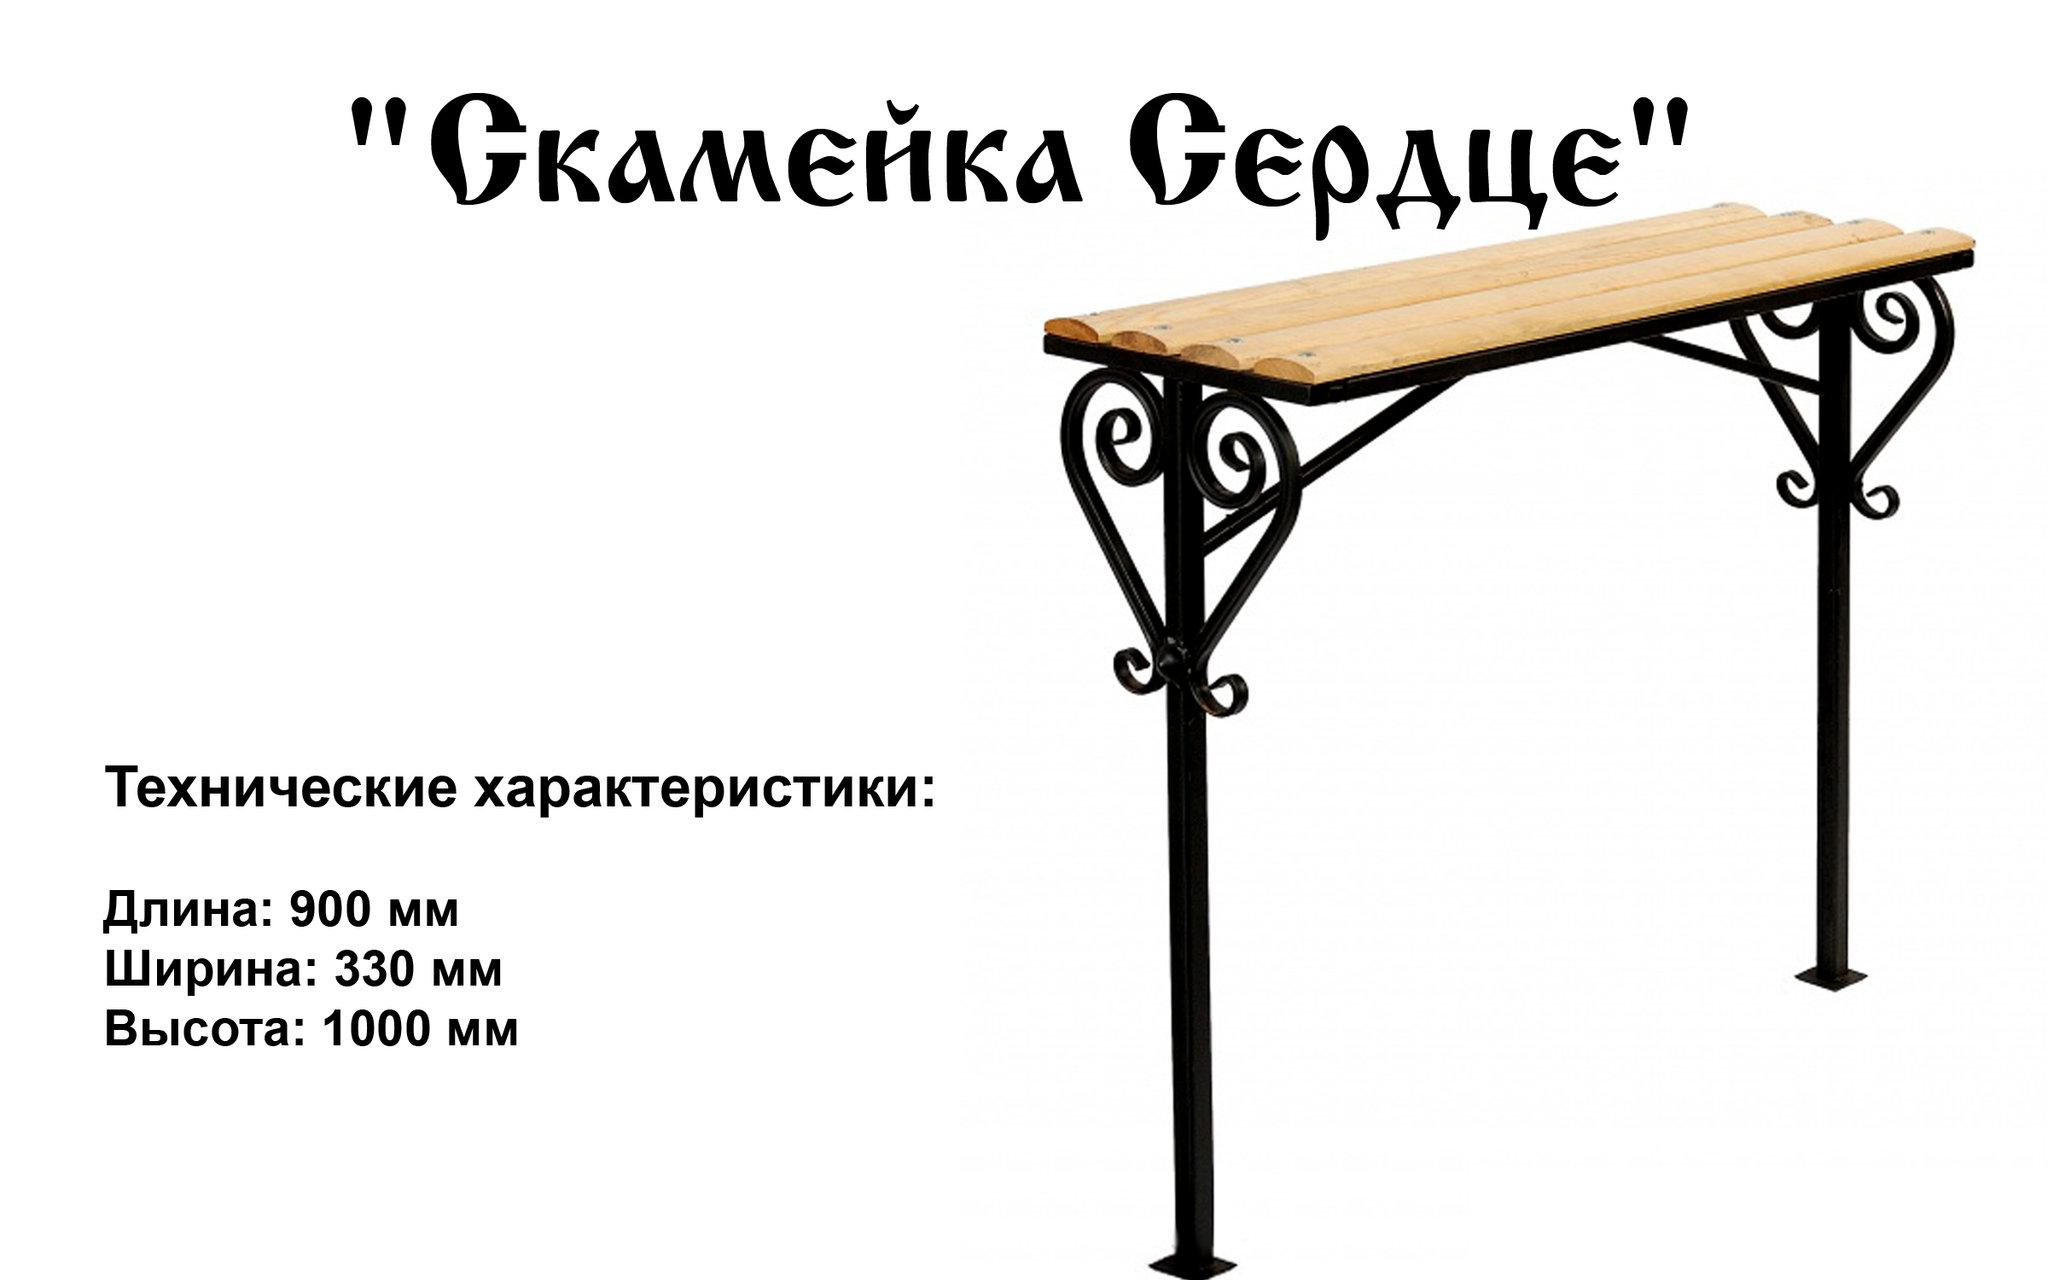 Изготовление лавки - скамейки, своми руками - 1 23 49